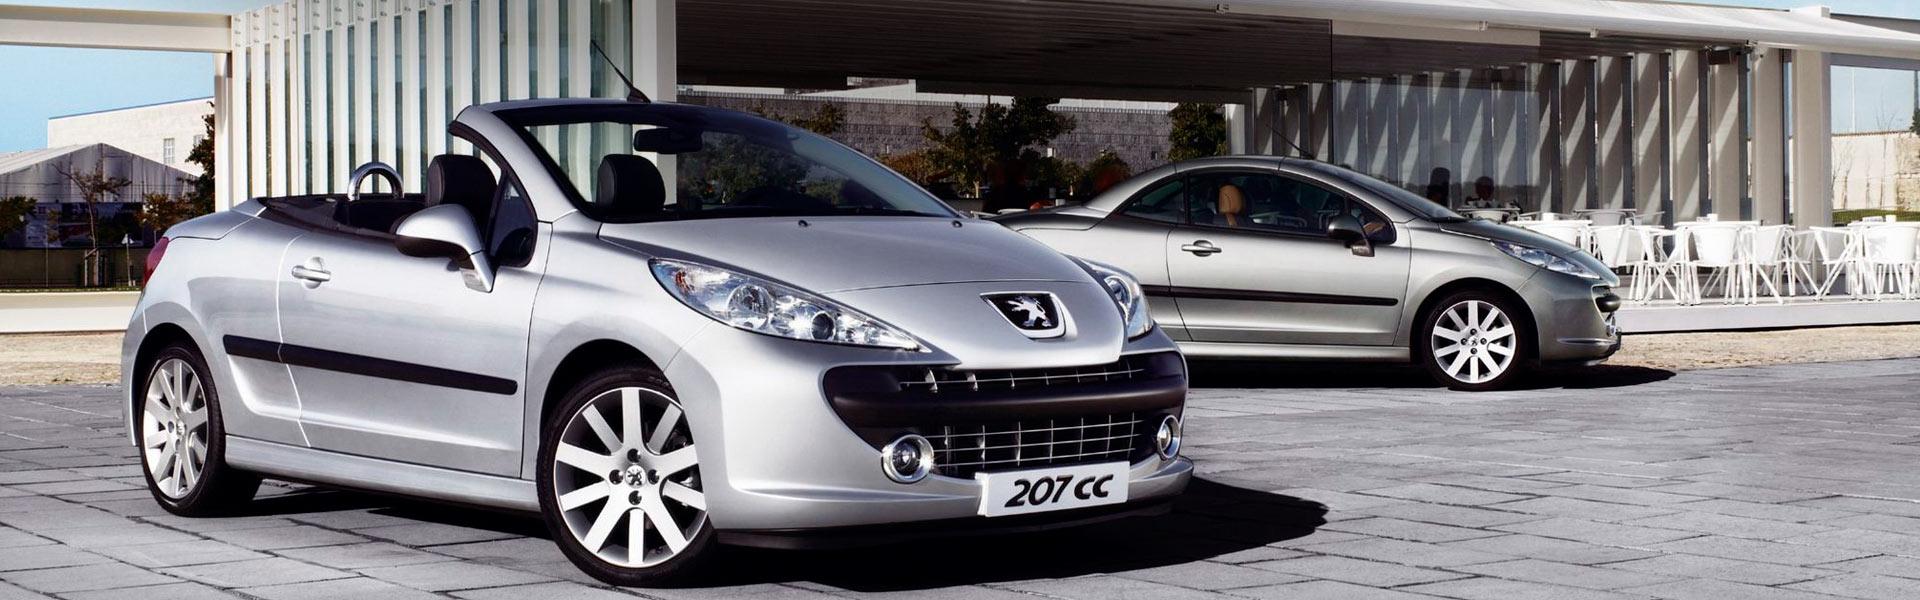 Запчасти на Peugeot 207